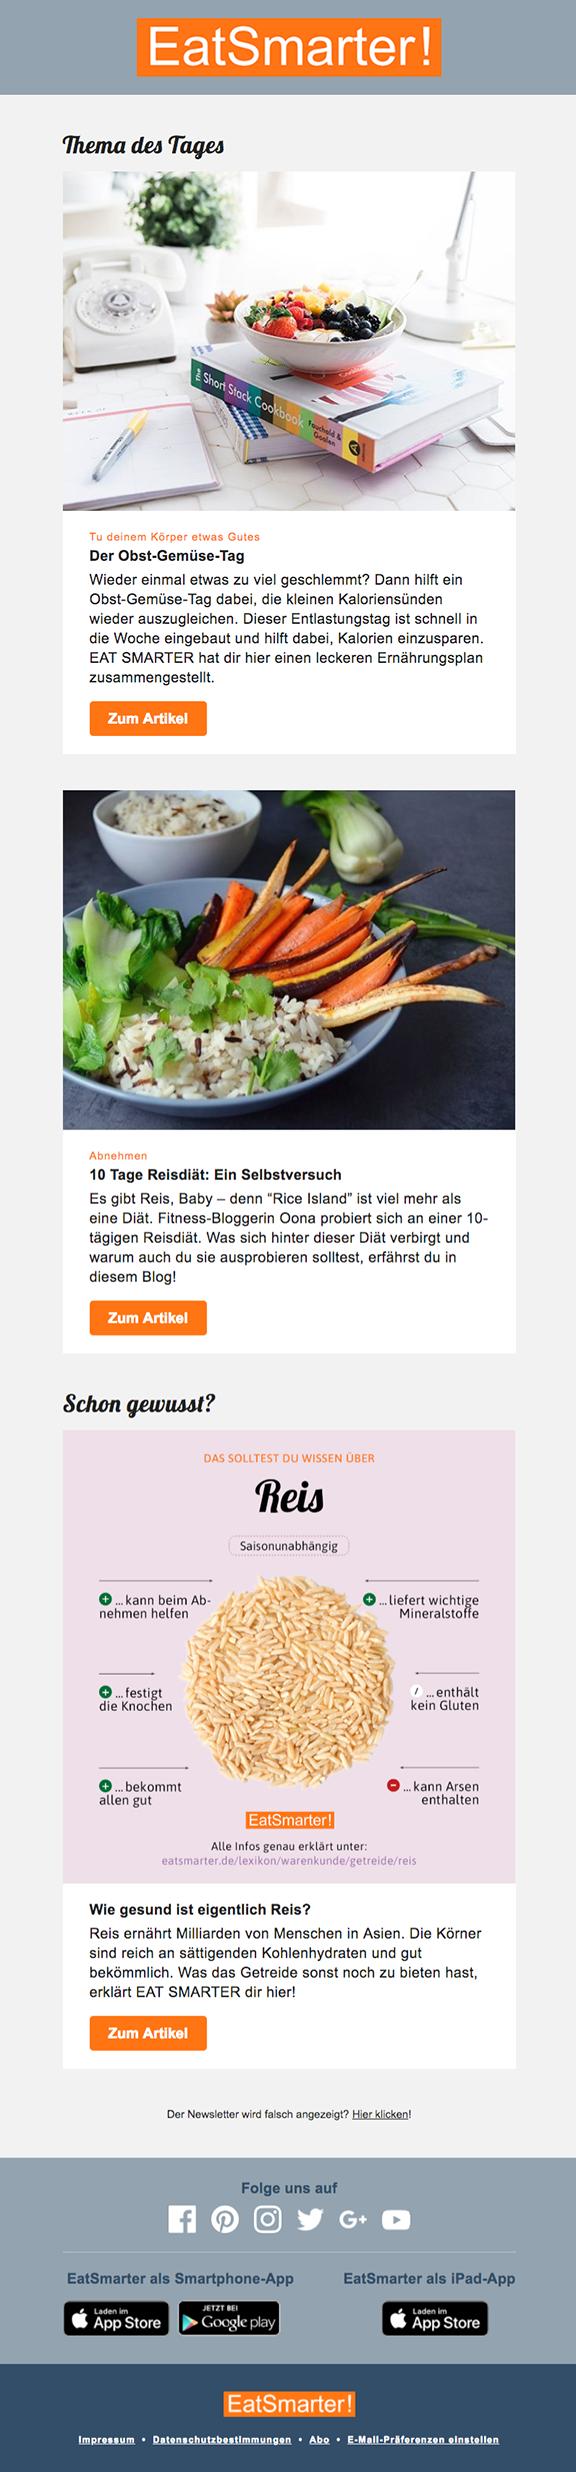 Newsletter-Vorschau: Smarte Ernährung